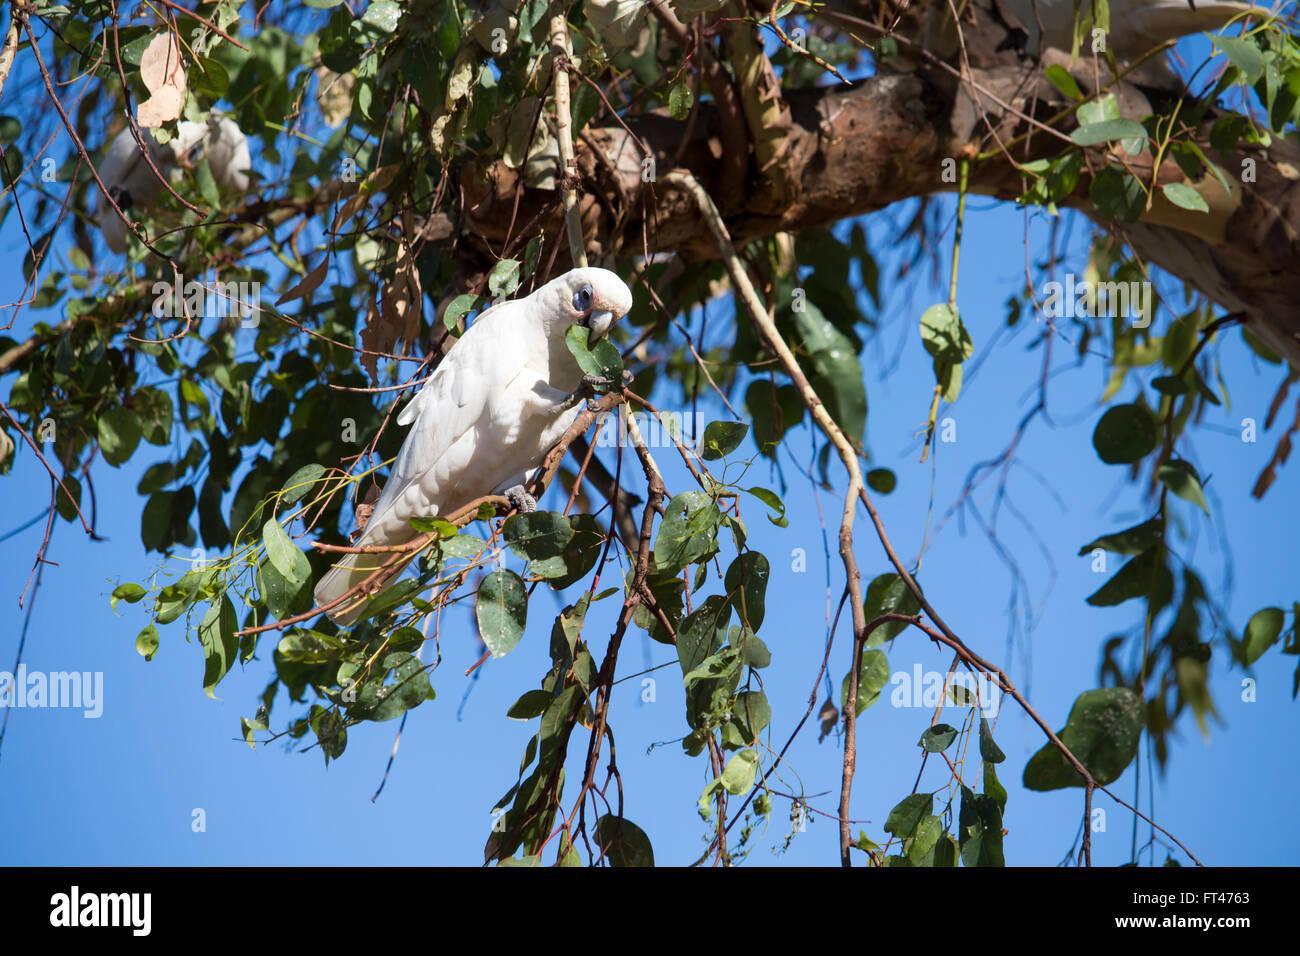 Un bianco Australian corella sottogenere Licmetis di bianco cacatua (genere cacatua) è appollaiato su un ramo Immagini Stock